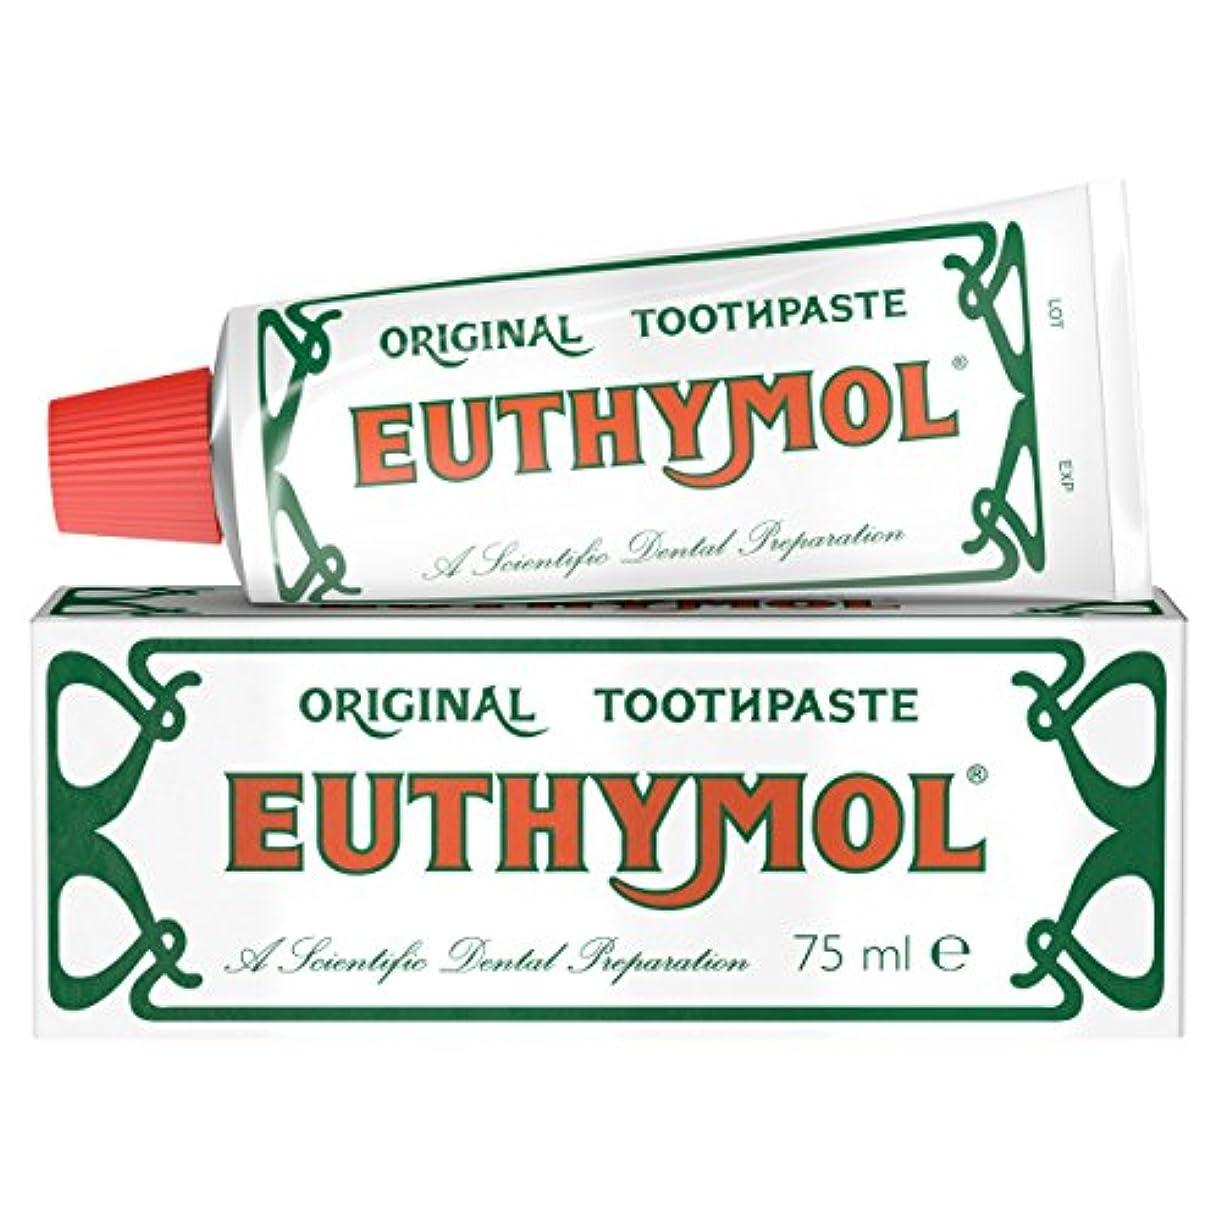 シルエット書道穿孔するEuthymol オリジナル歯磨き粉 75ml 並行輸入品 Euthymol Original Toothpaste 75 Ml